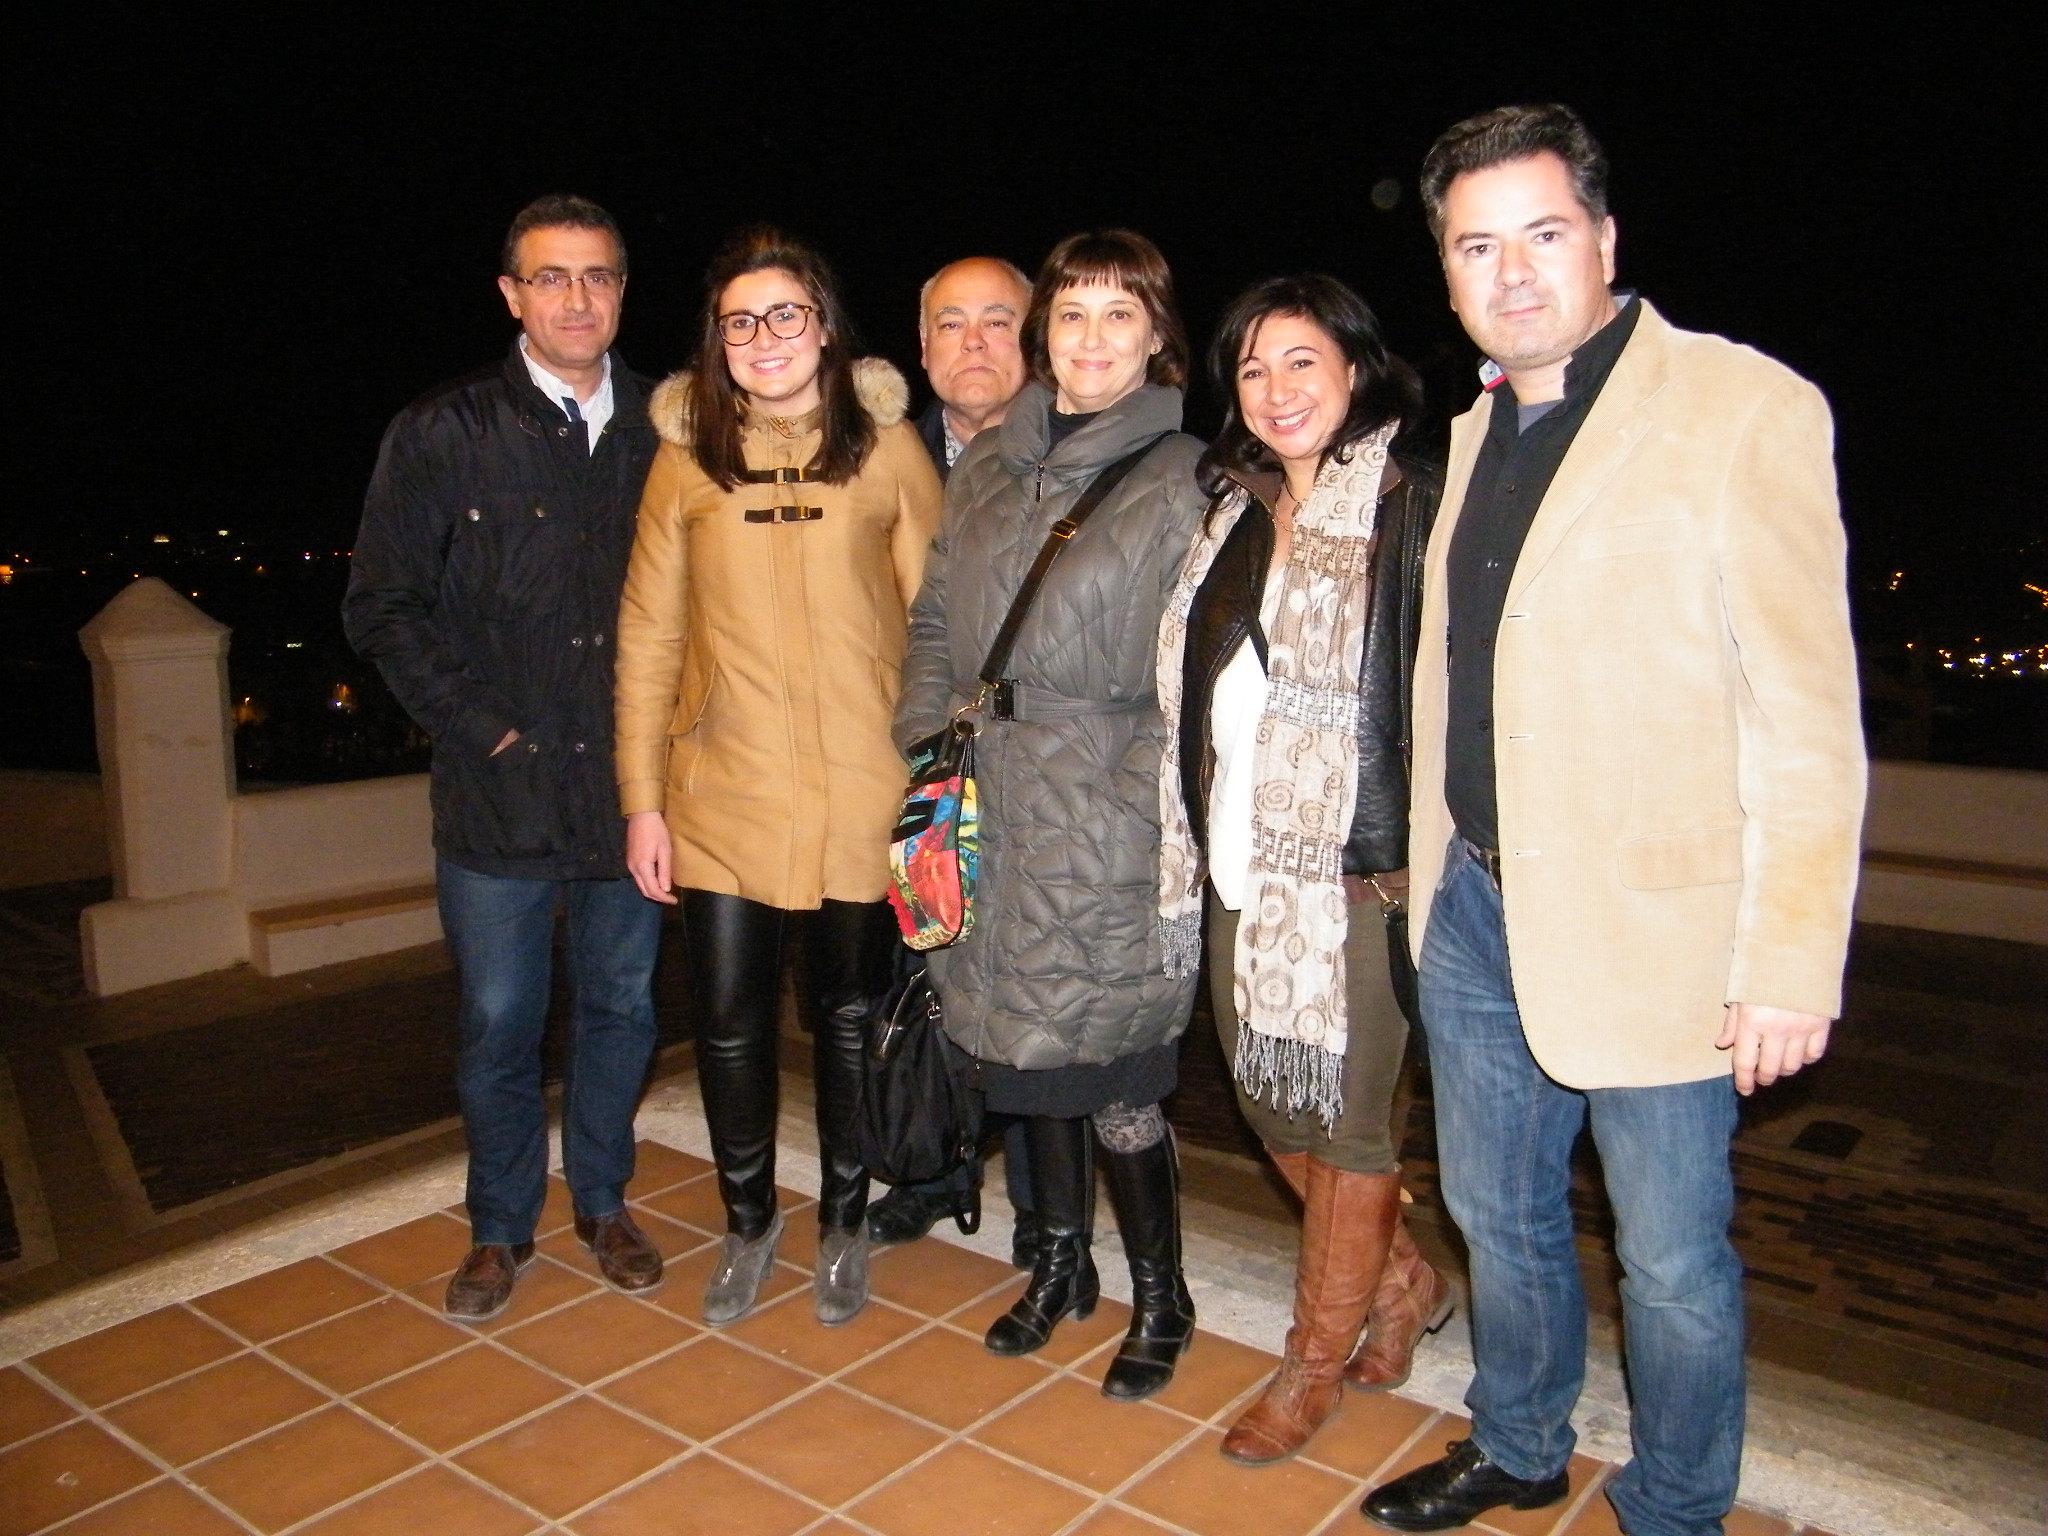 ElCristo - Actos - Actuación Musical Solidaria - Grupo Madrigal - (2016-01-29) - Gabriel Segura (01)